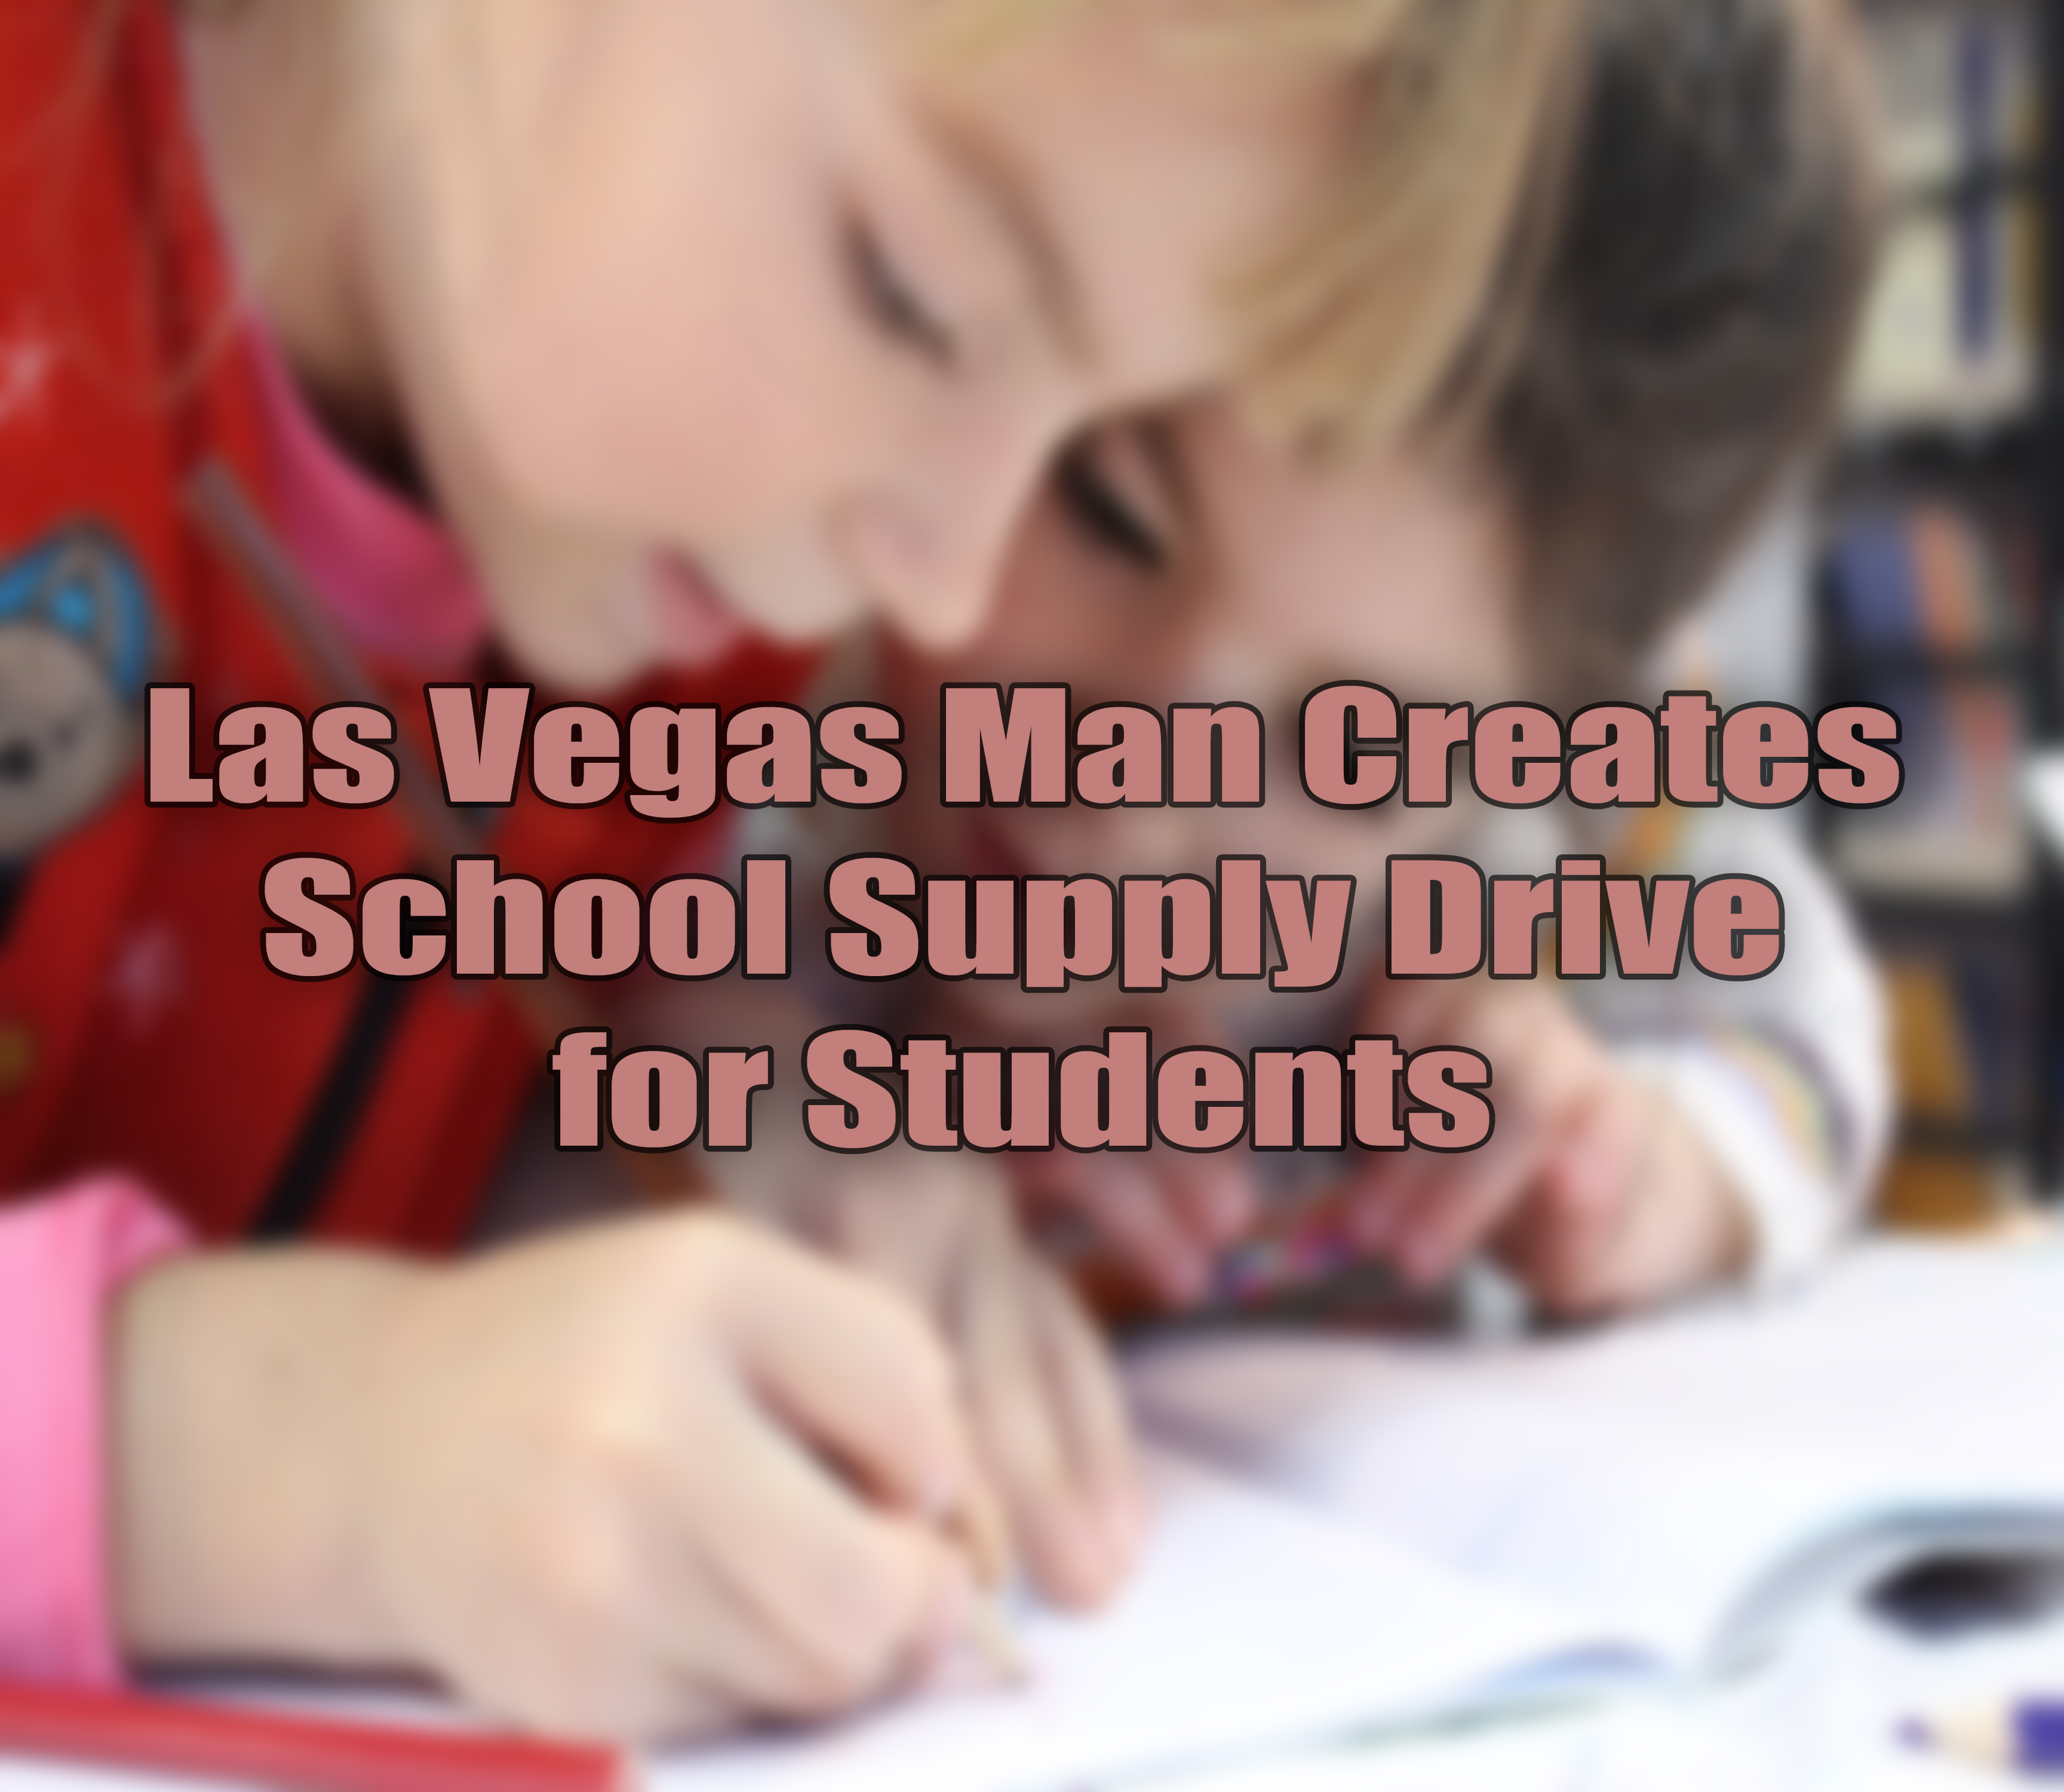 School Supply Drive in Las Vegas.jpg